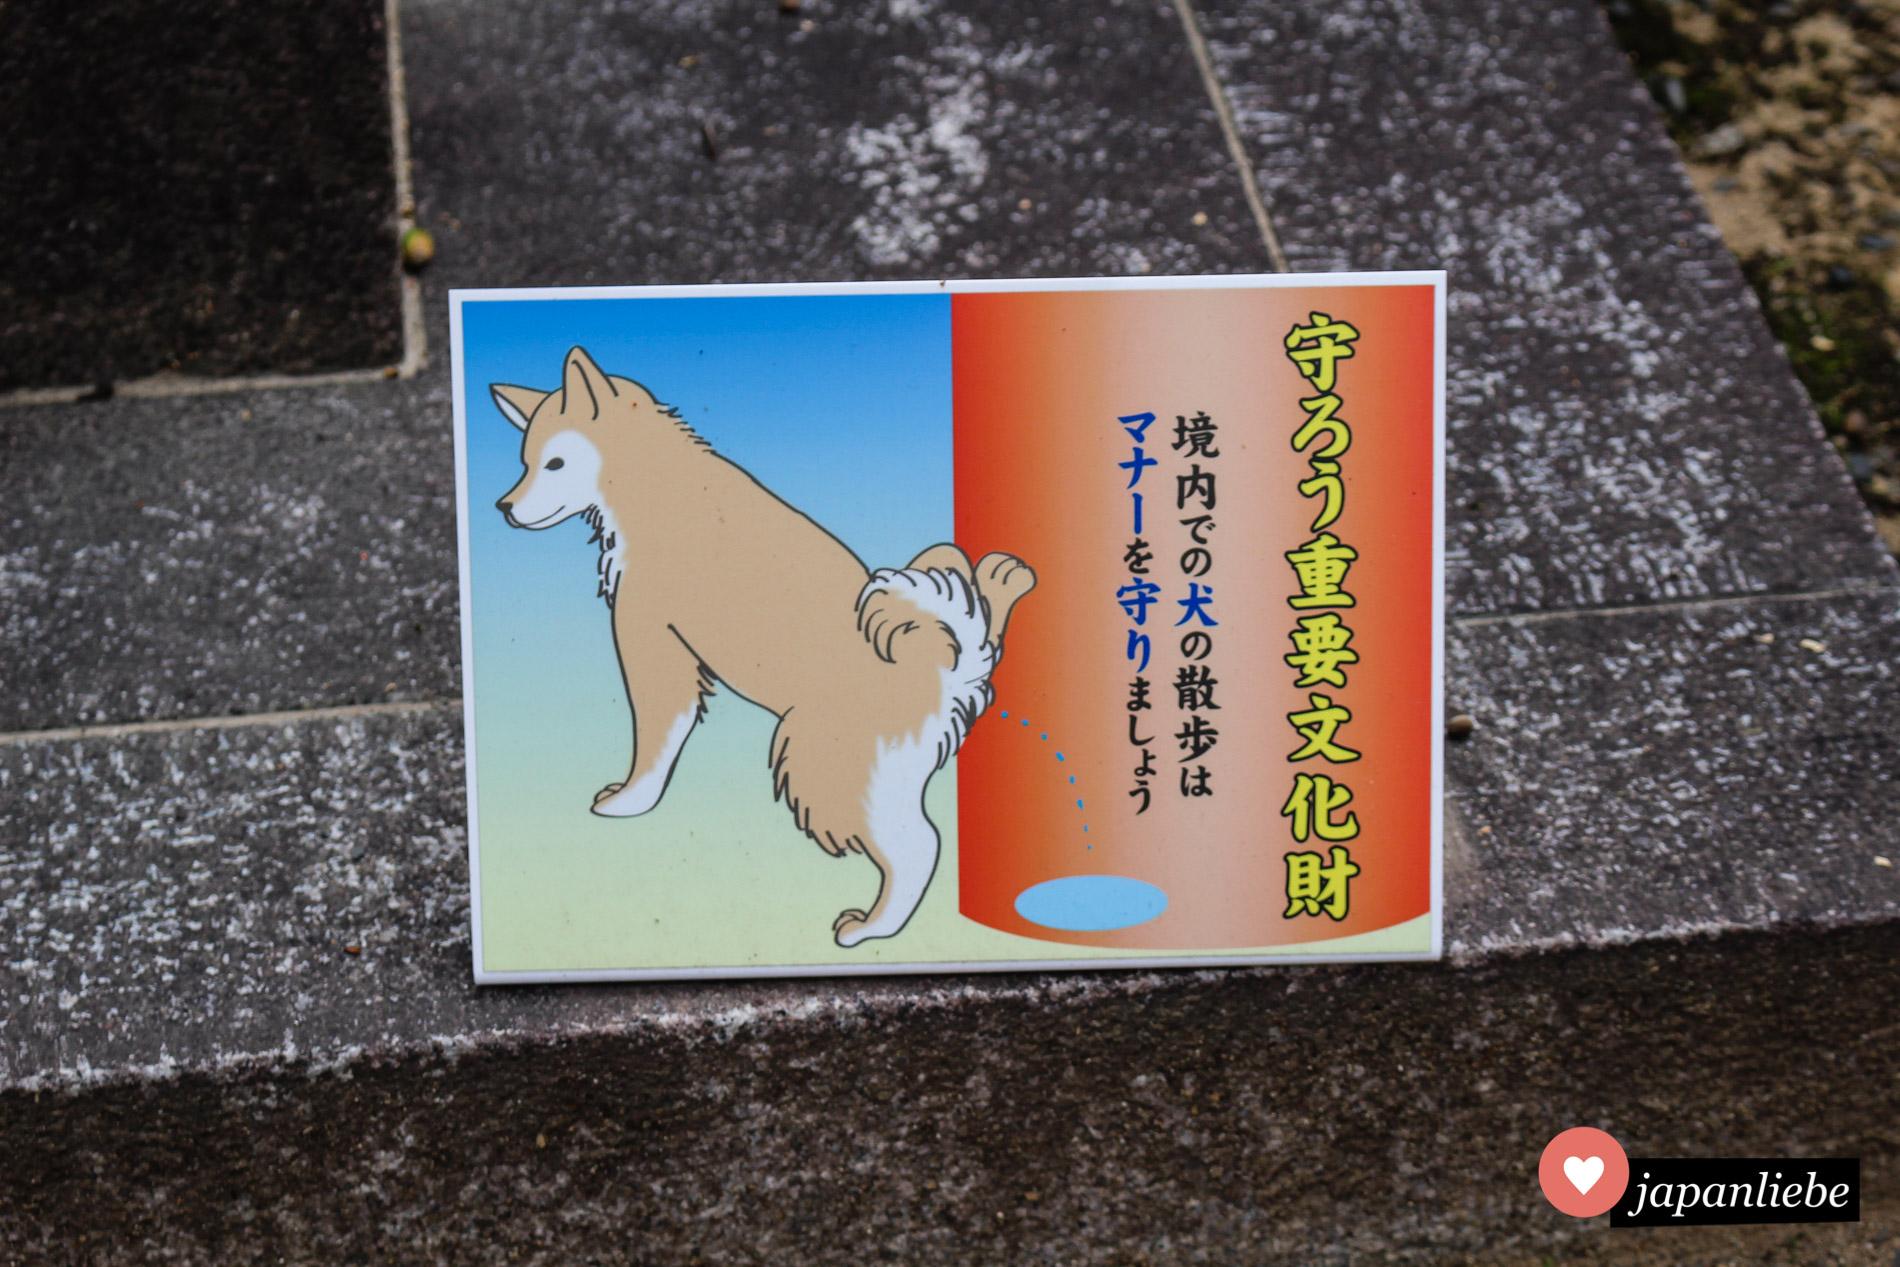 Wichtiger Hinweis am Fushimi Inari-taisha: Hunde bitte nicht an die Schreintore pinkeln lassen.